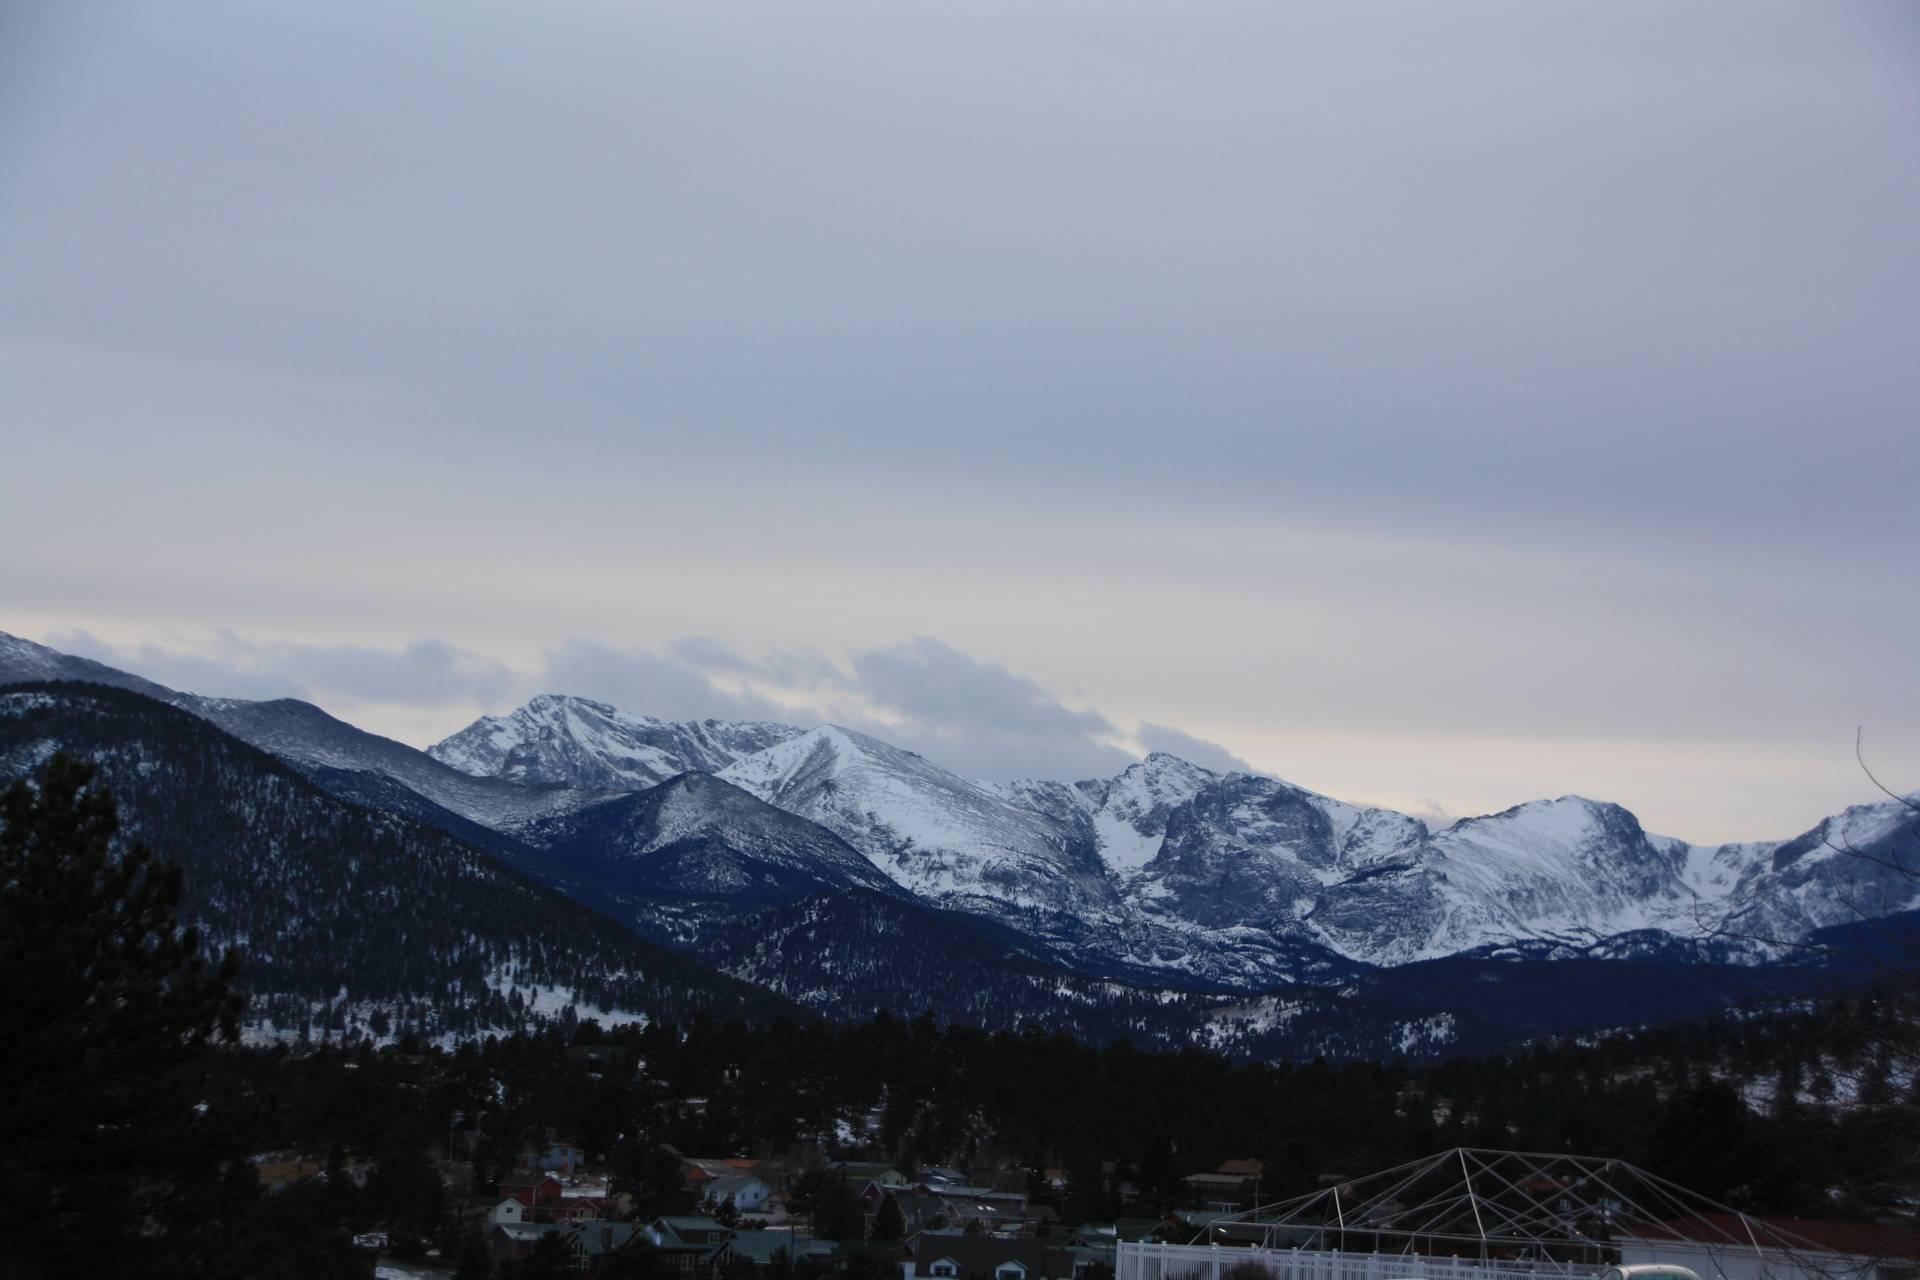 View or Rockey Mountain National Park, Estes Park CO